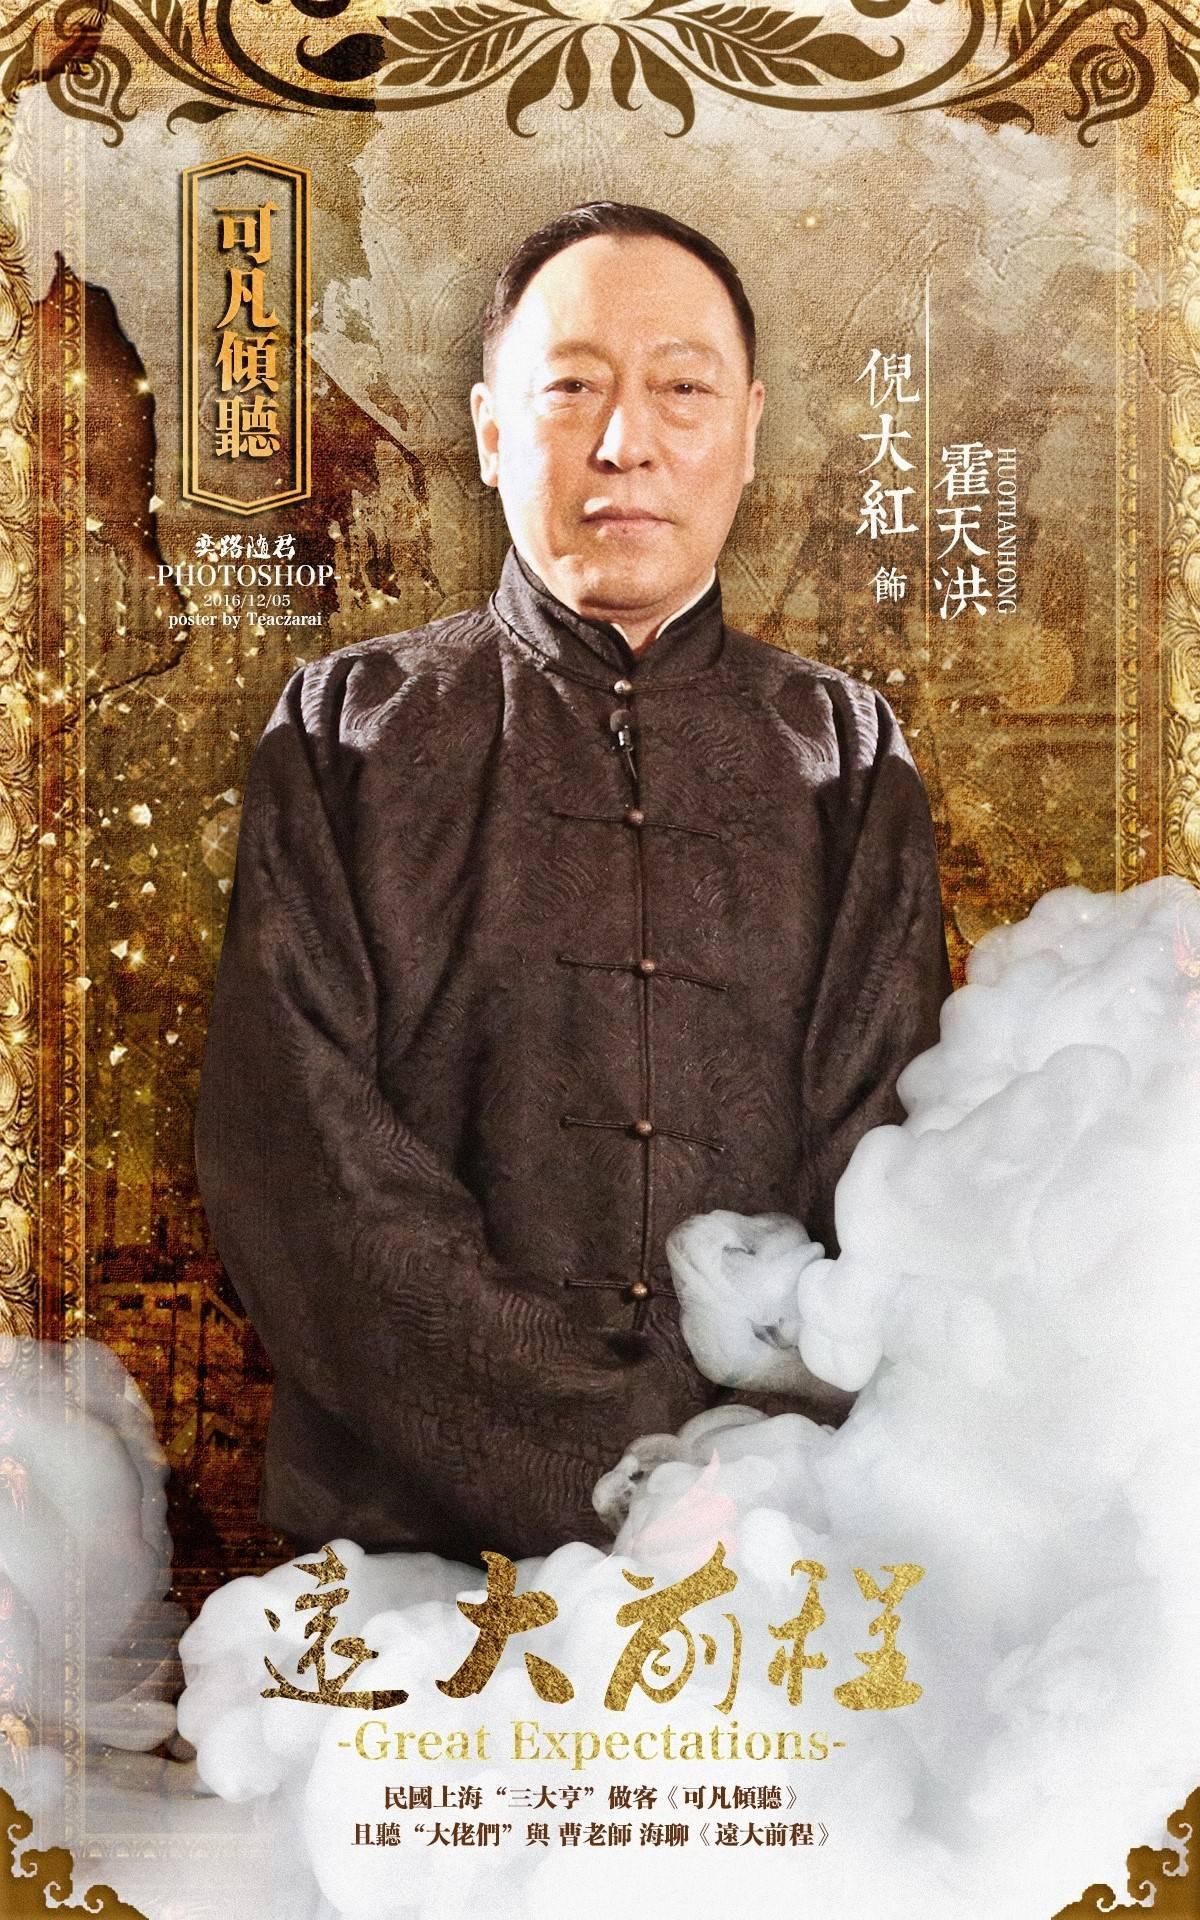 《远大前程》倪大红版海报.jpg